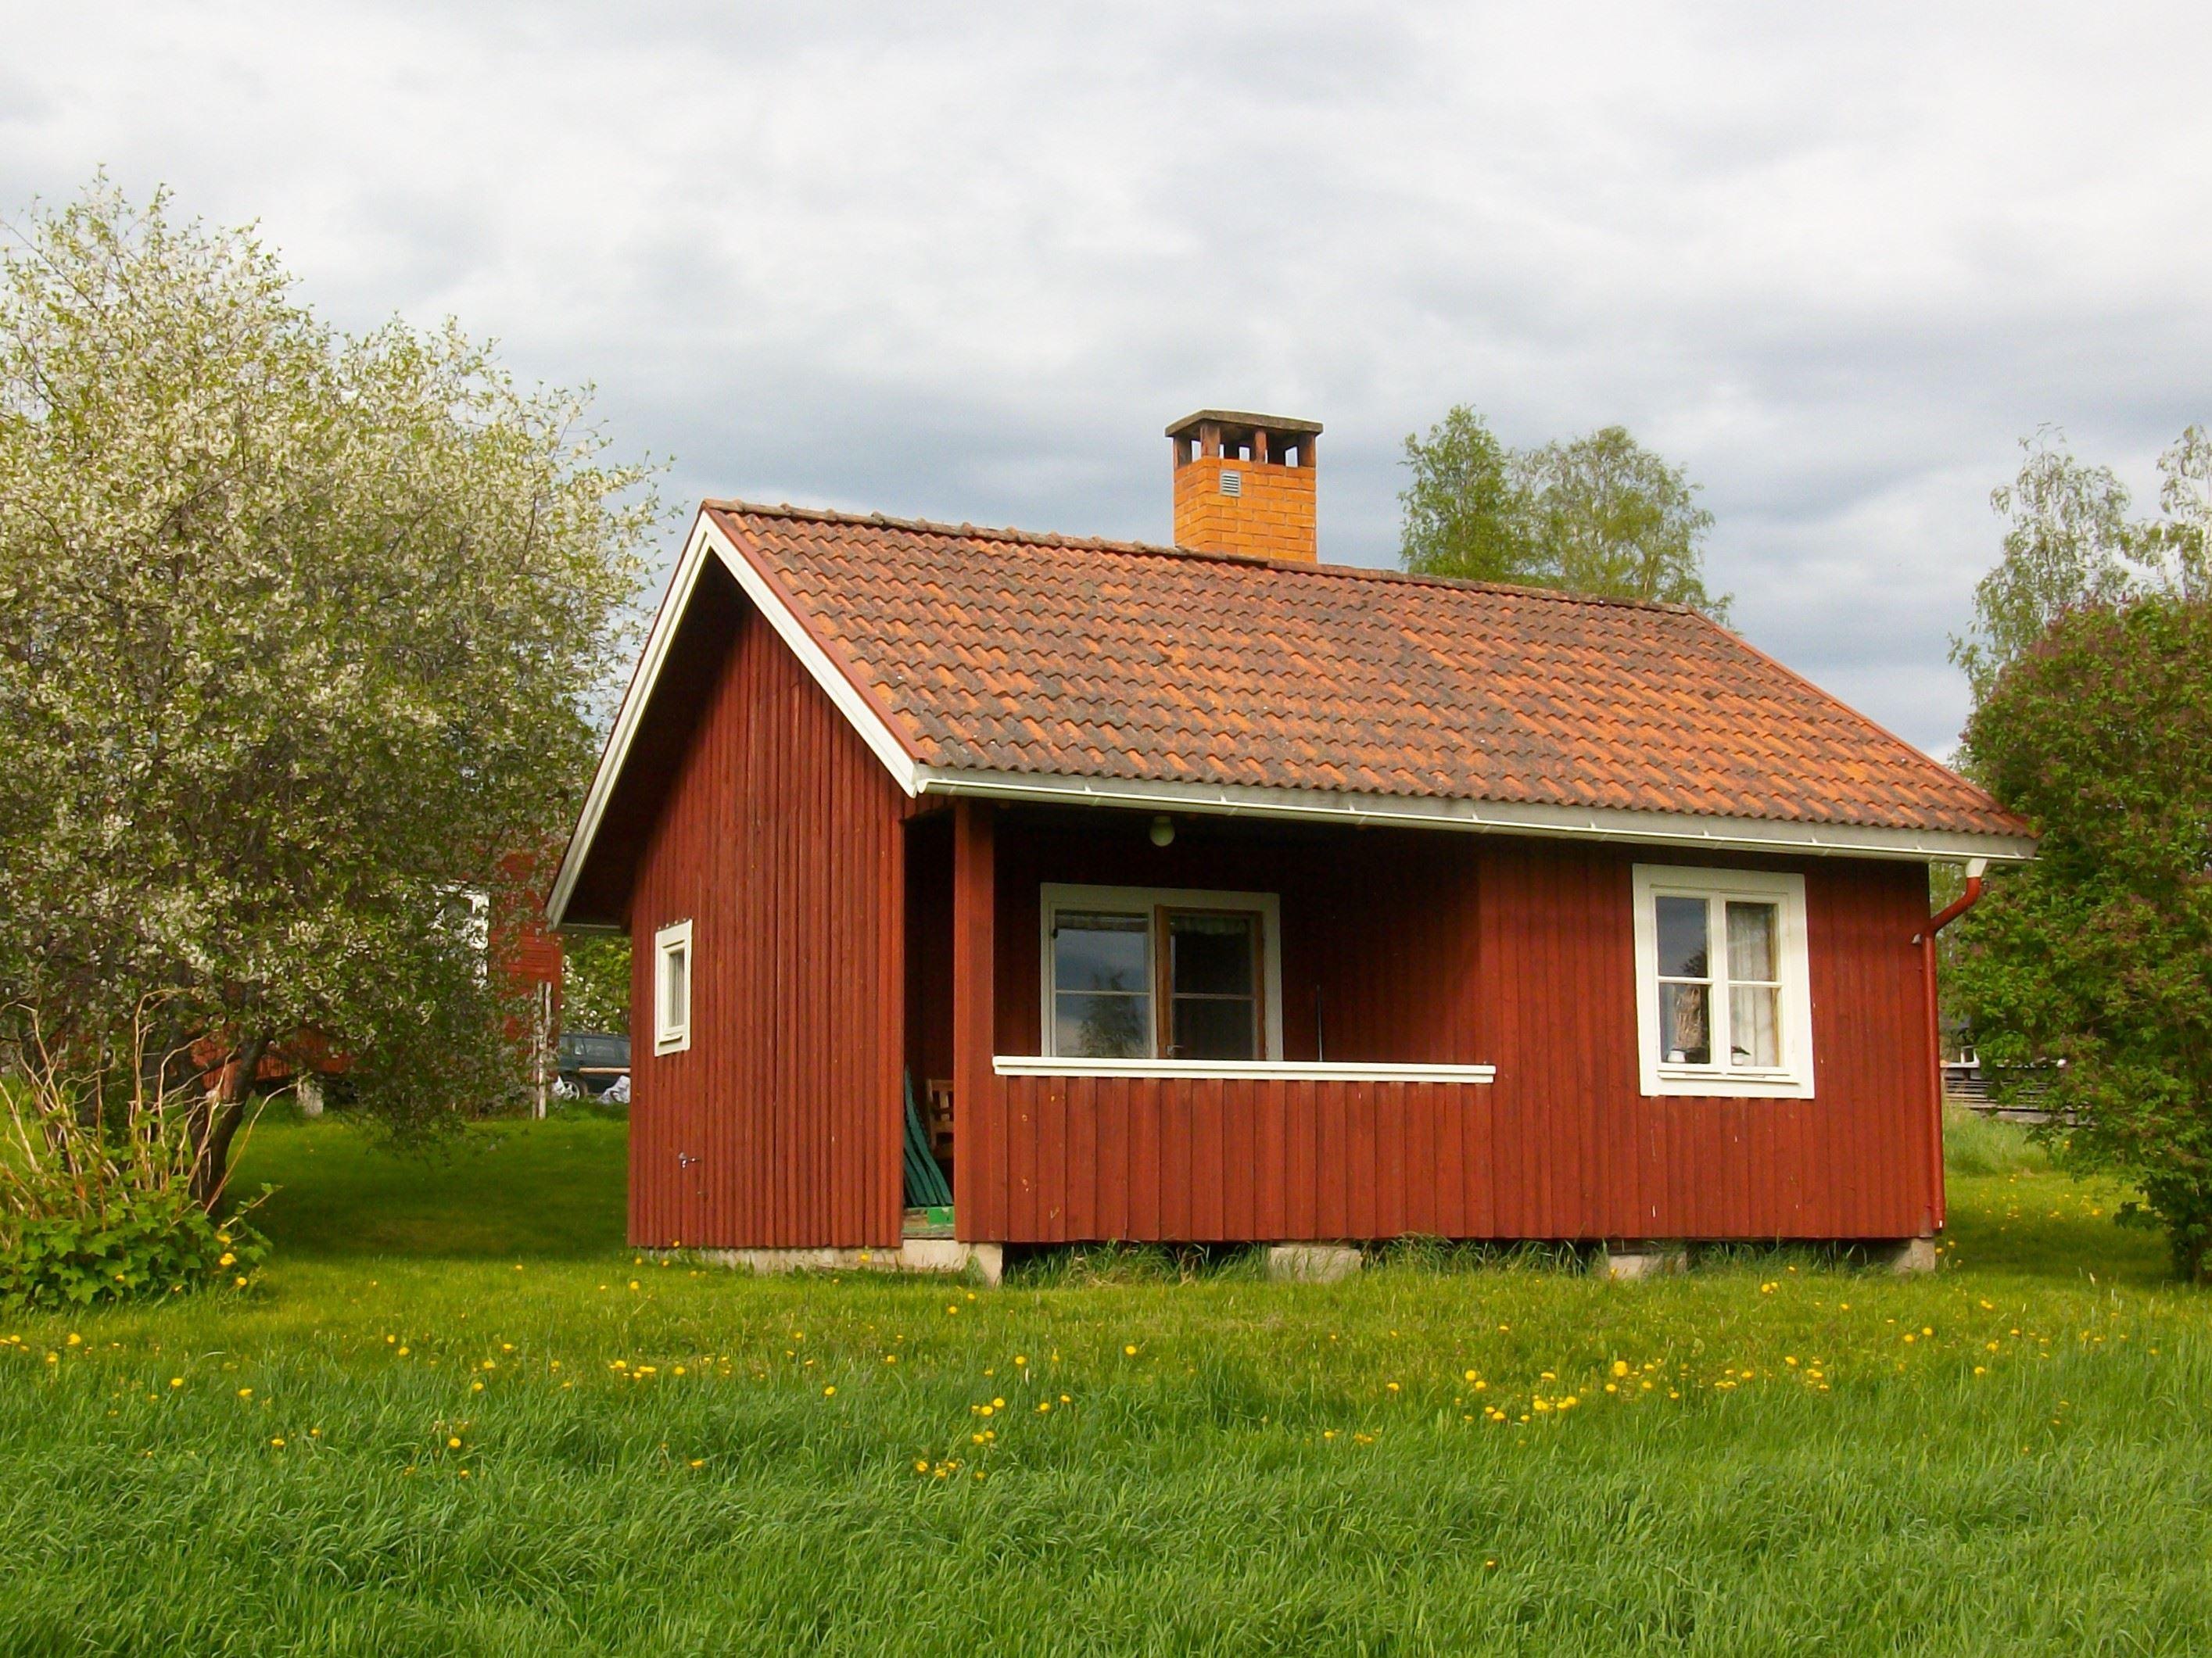 L413 Östra Rönnäs, 10 km Ö Leksand